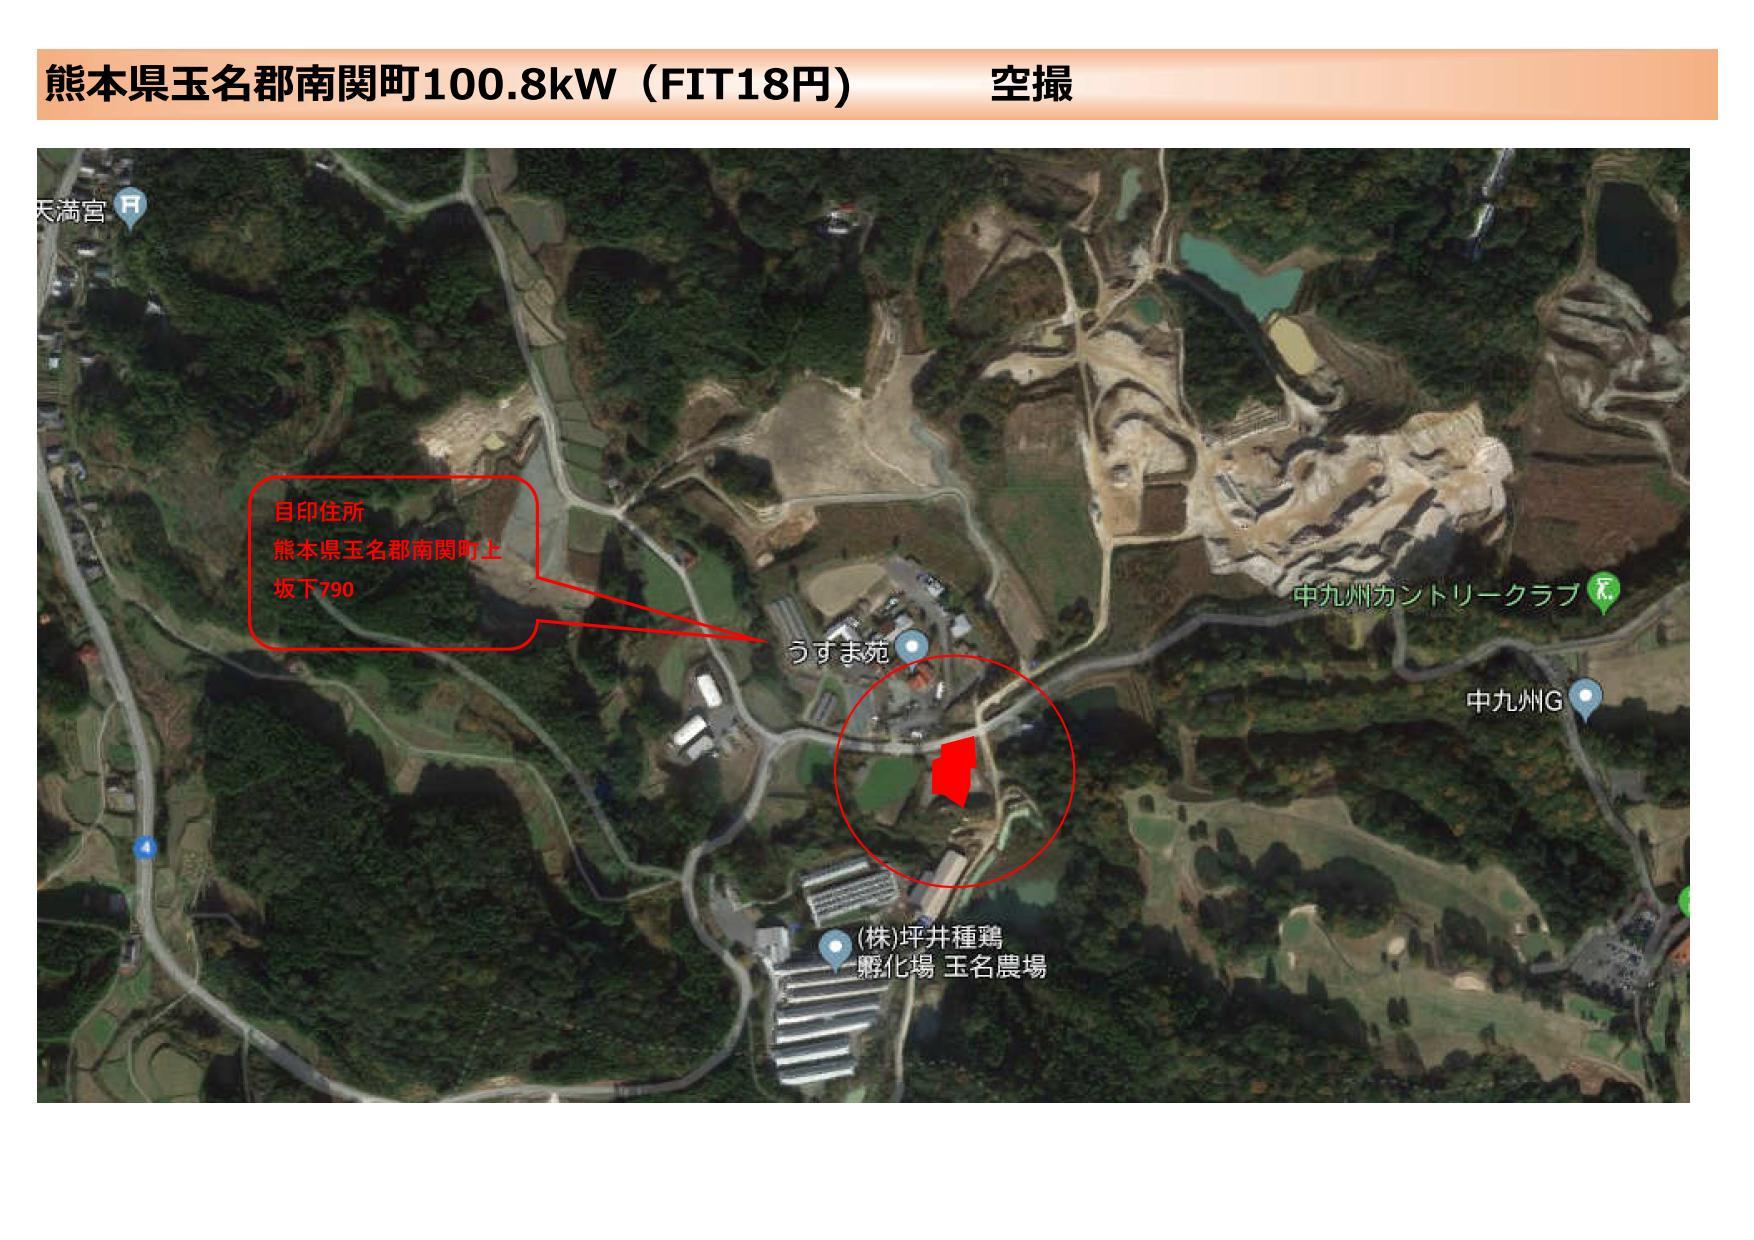 【SB】FIT18円 熊本県玉名郡南関町発電所のメイン画像